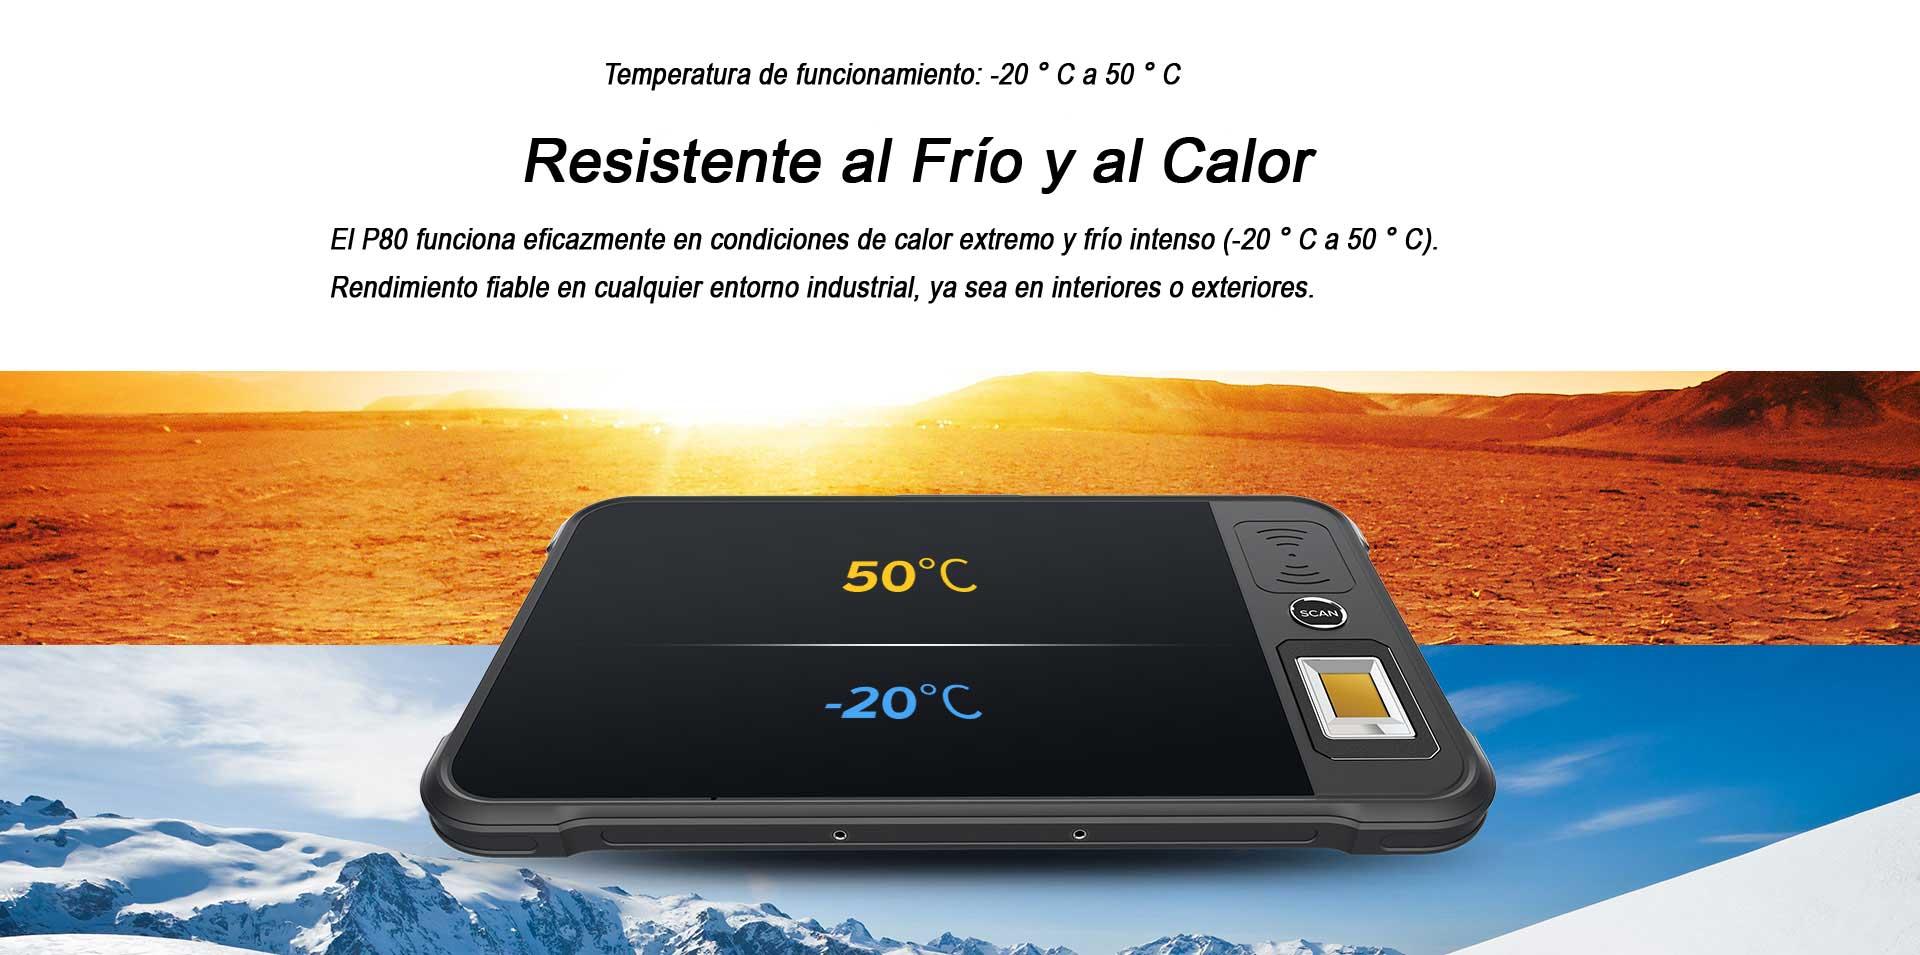 Tablet P80 Chainway Resistente al Frío y al Calor